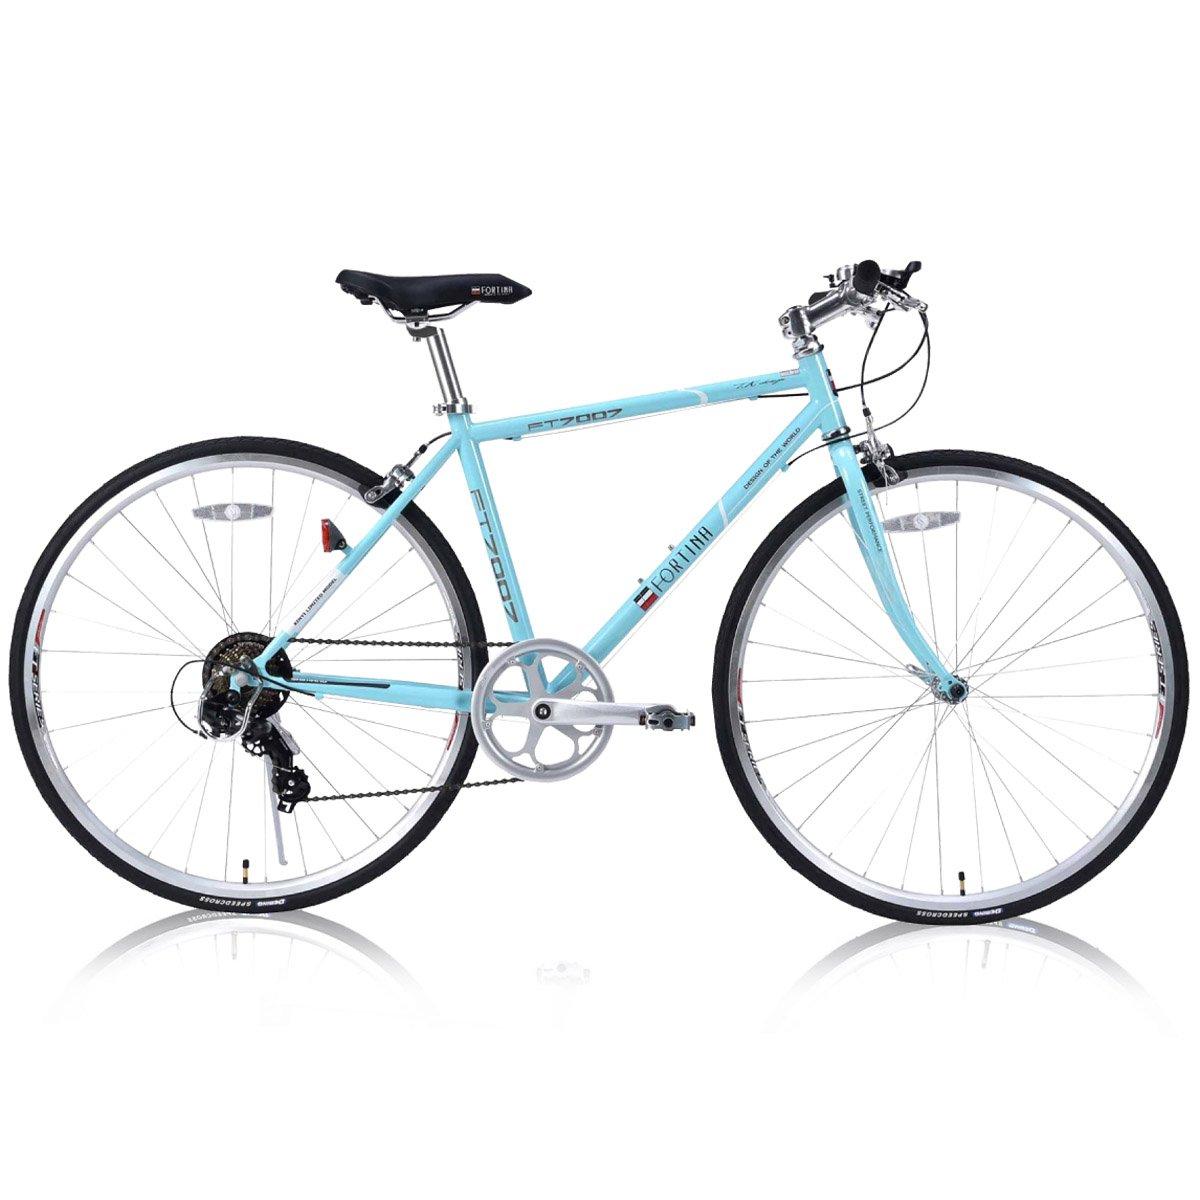 FORTINA(フォルティナ) FT-7007 クロスバイク700C シマノ製7段変速付(サムシフター) 軽量設計 クイックレリーズ 高さ調整可能Aヘッドスタイルステム B07D52HLLC スタイリッシュミント スタイリッシュミント